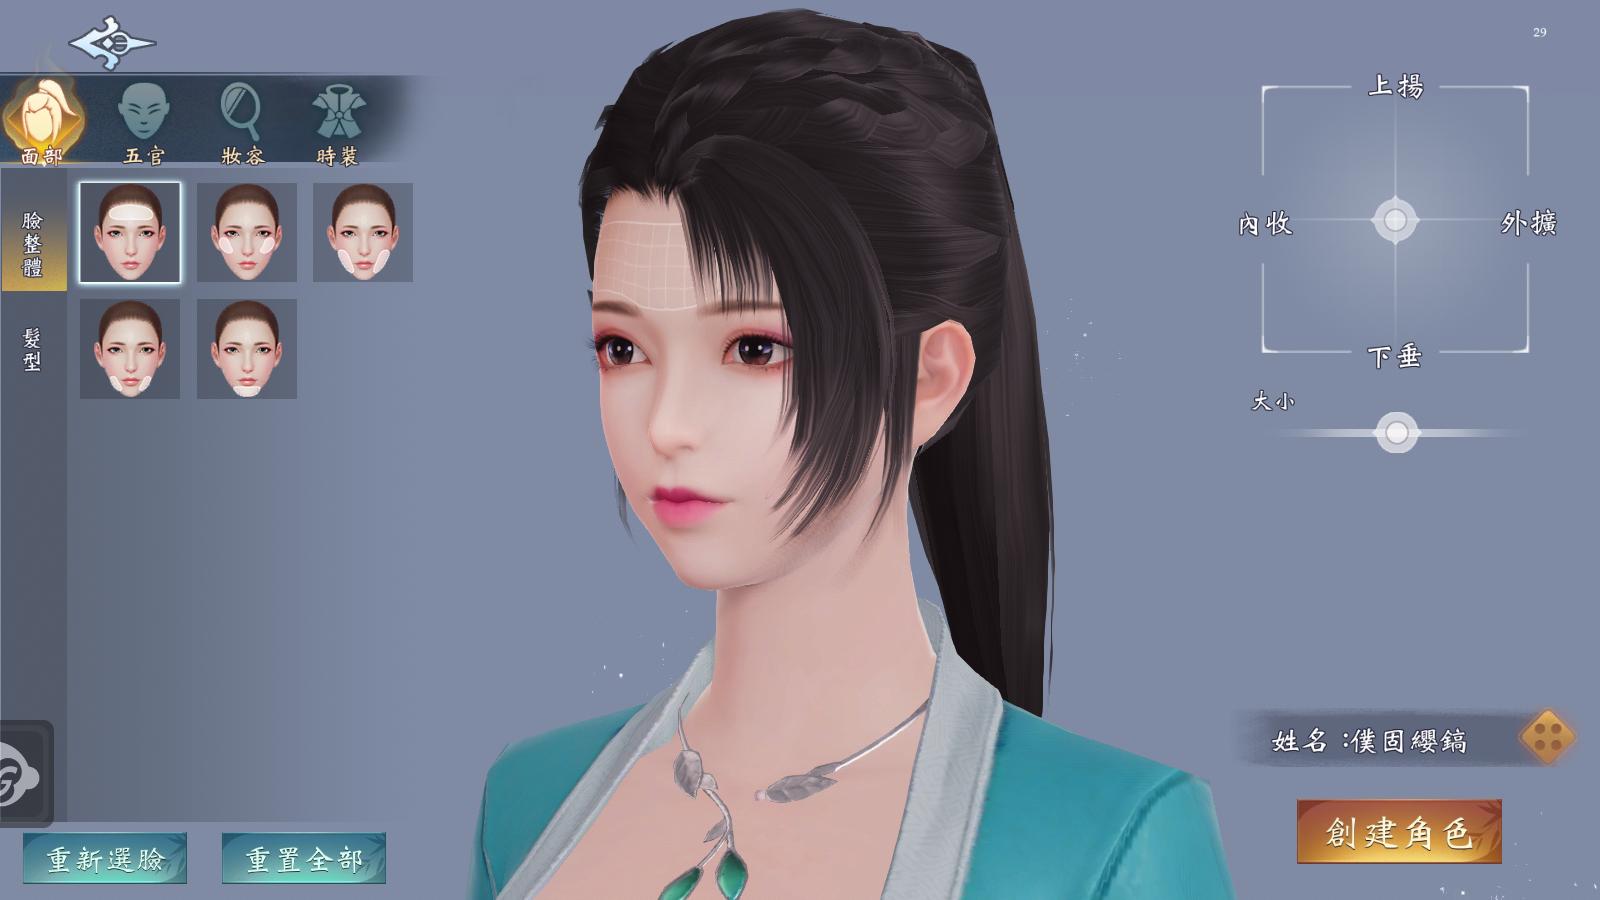 遊戲捏臉系統可以讓玩家捏出喜歡的外貌